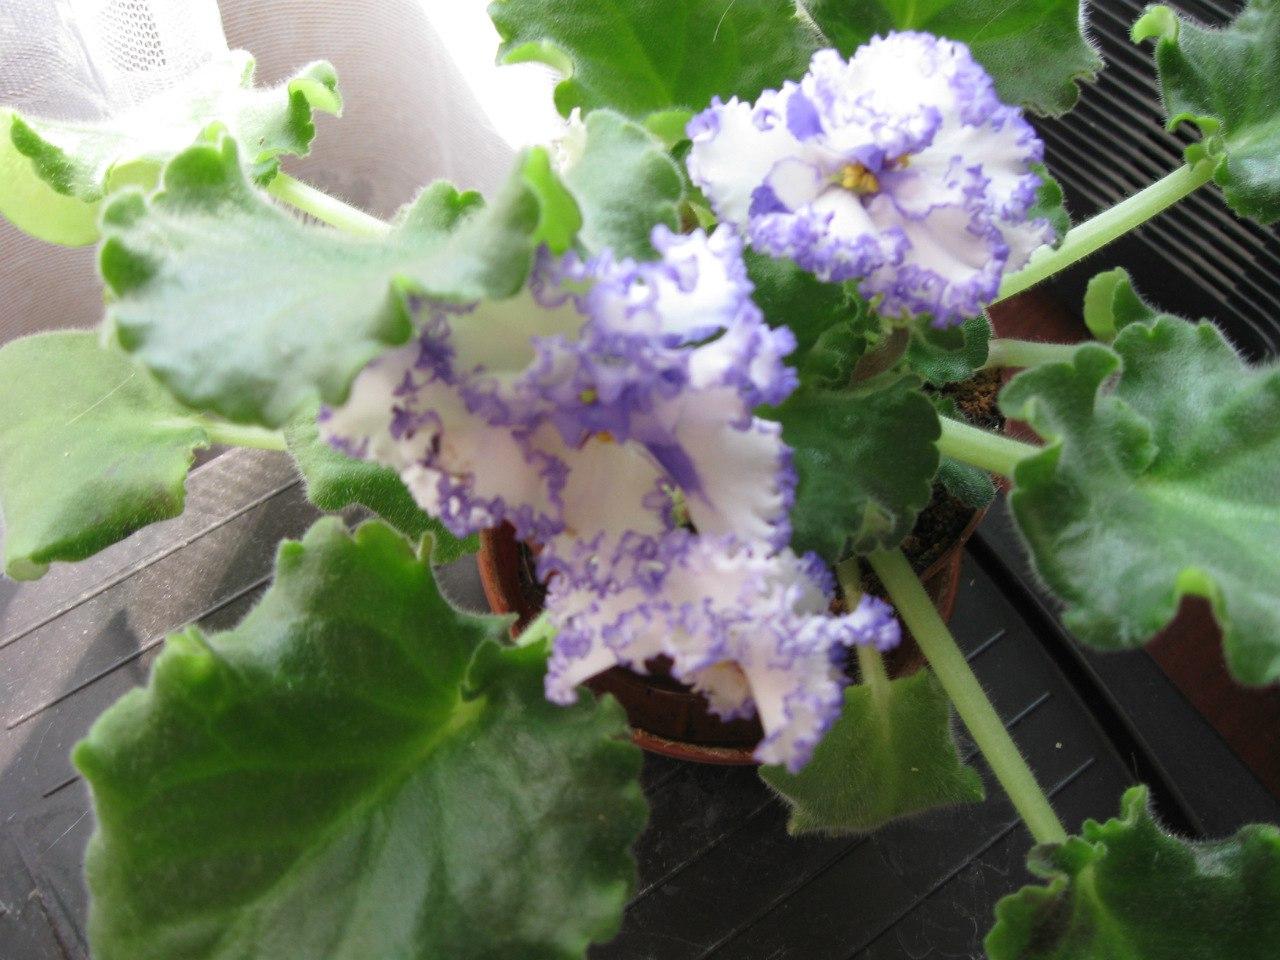 Які квіти прикрашають Ваші ґанки, підвіконня, балкони? -HqQn43GzrY